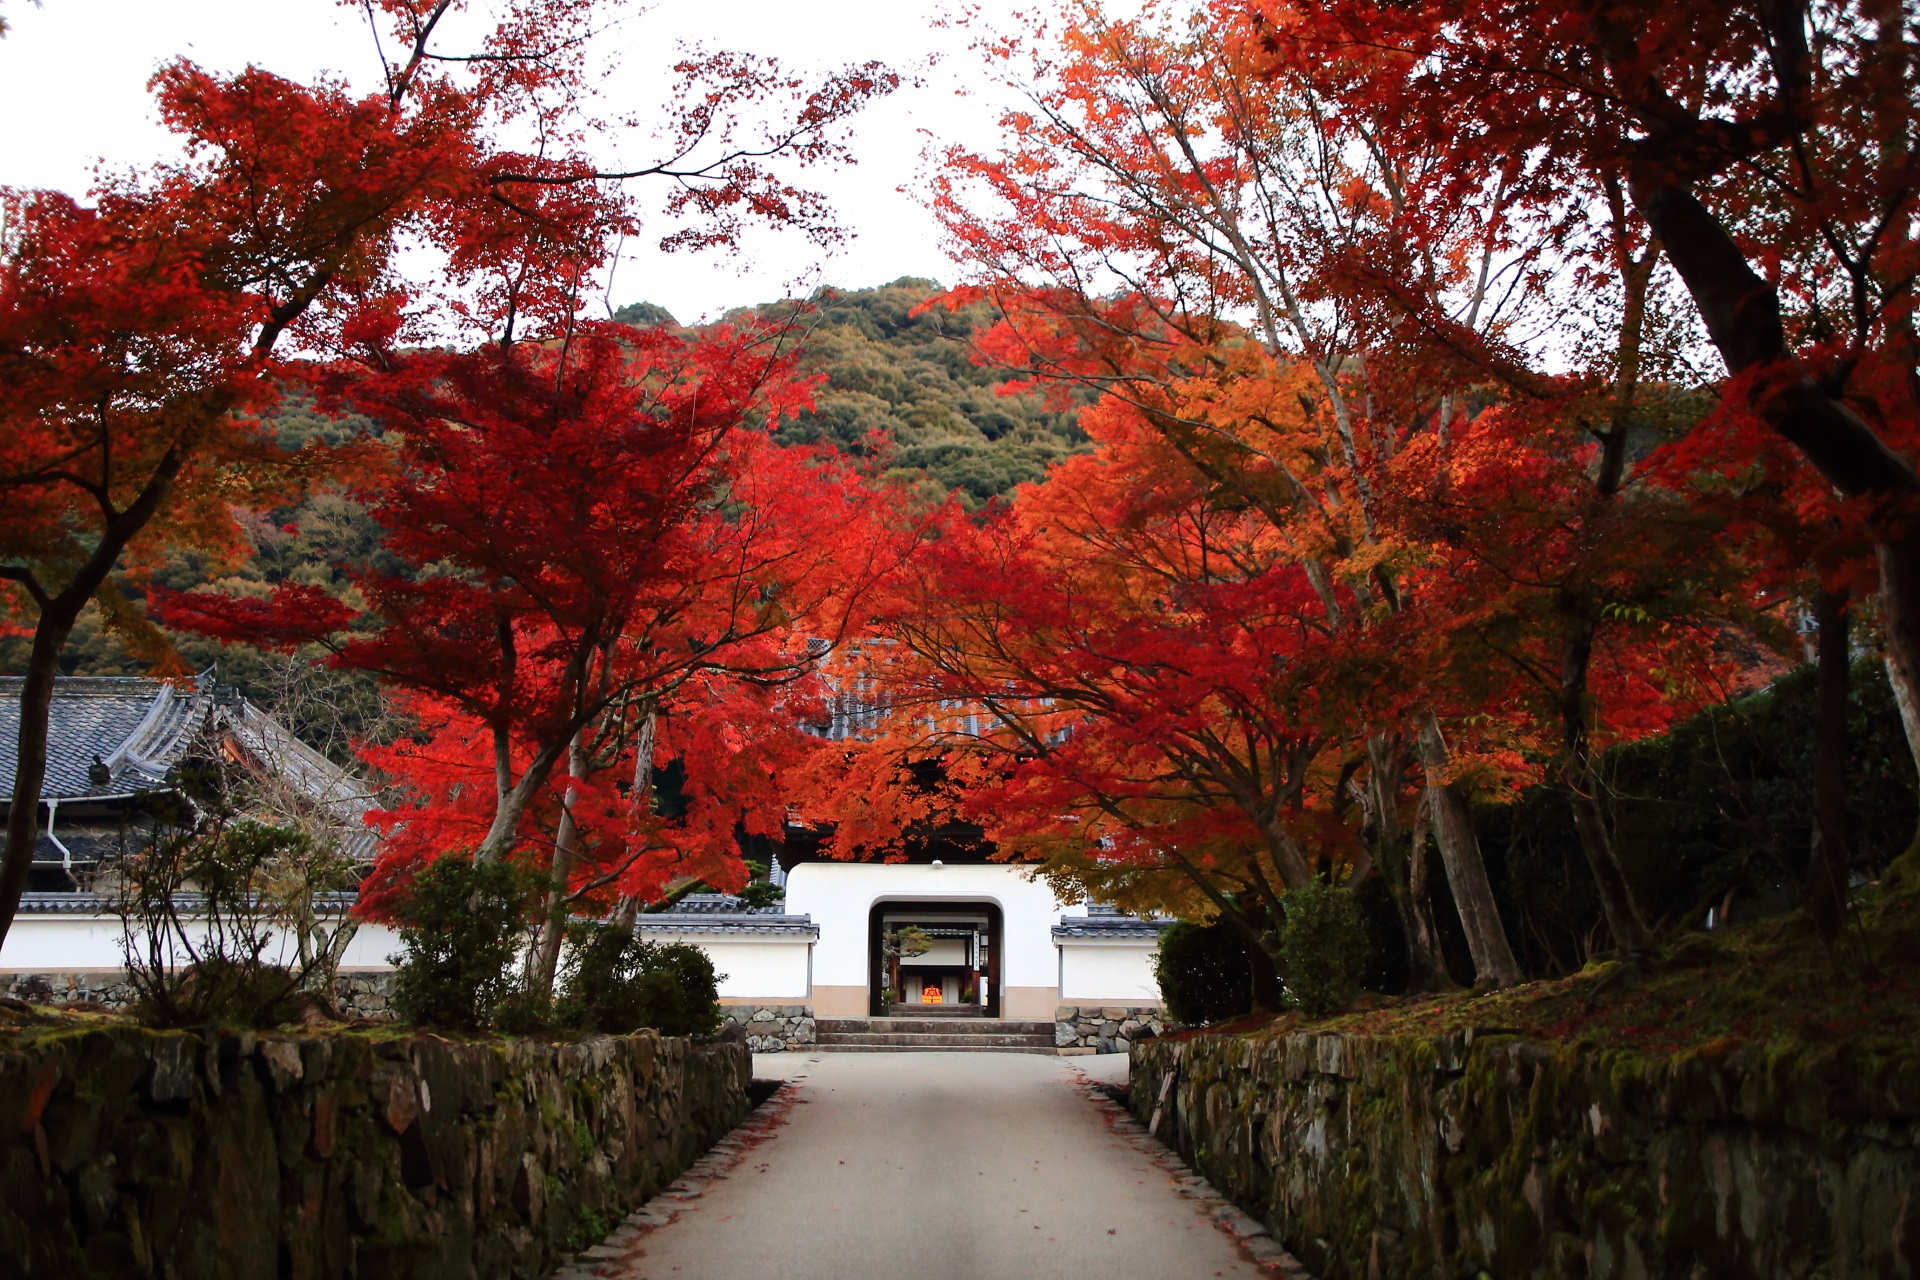 興聖寺の山門と琴坂を染める鮮やかな紅葉